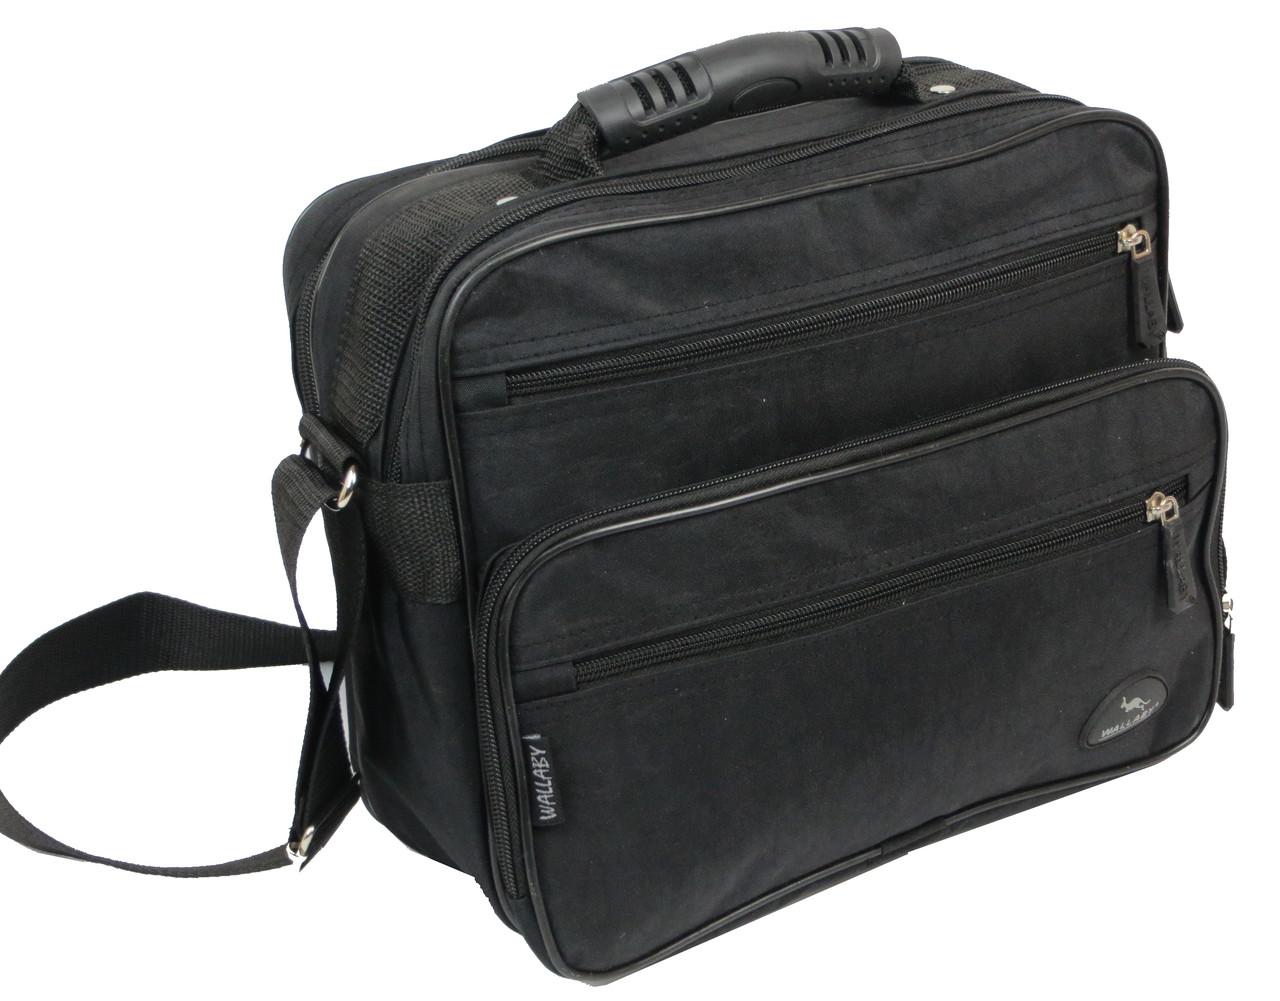 7082e6654c9f Прочная сумка мужская из жатки Wallaby 2407 black - SUPERSUMKA интернет  магазин в Киеве